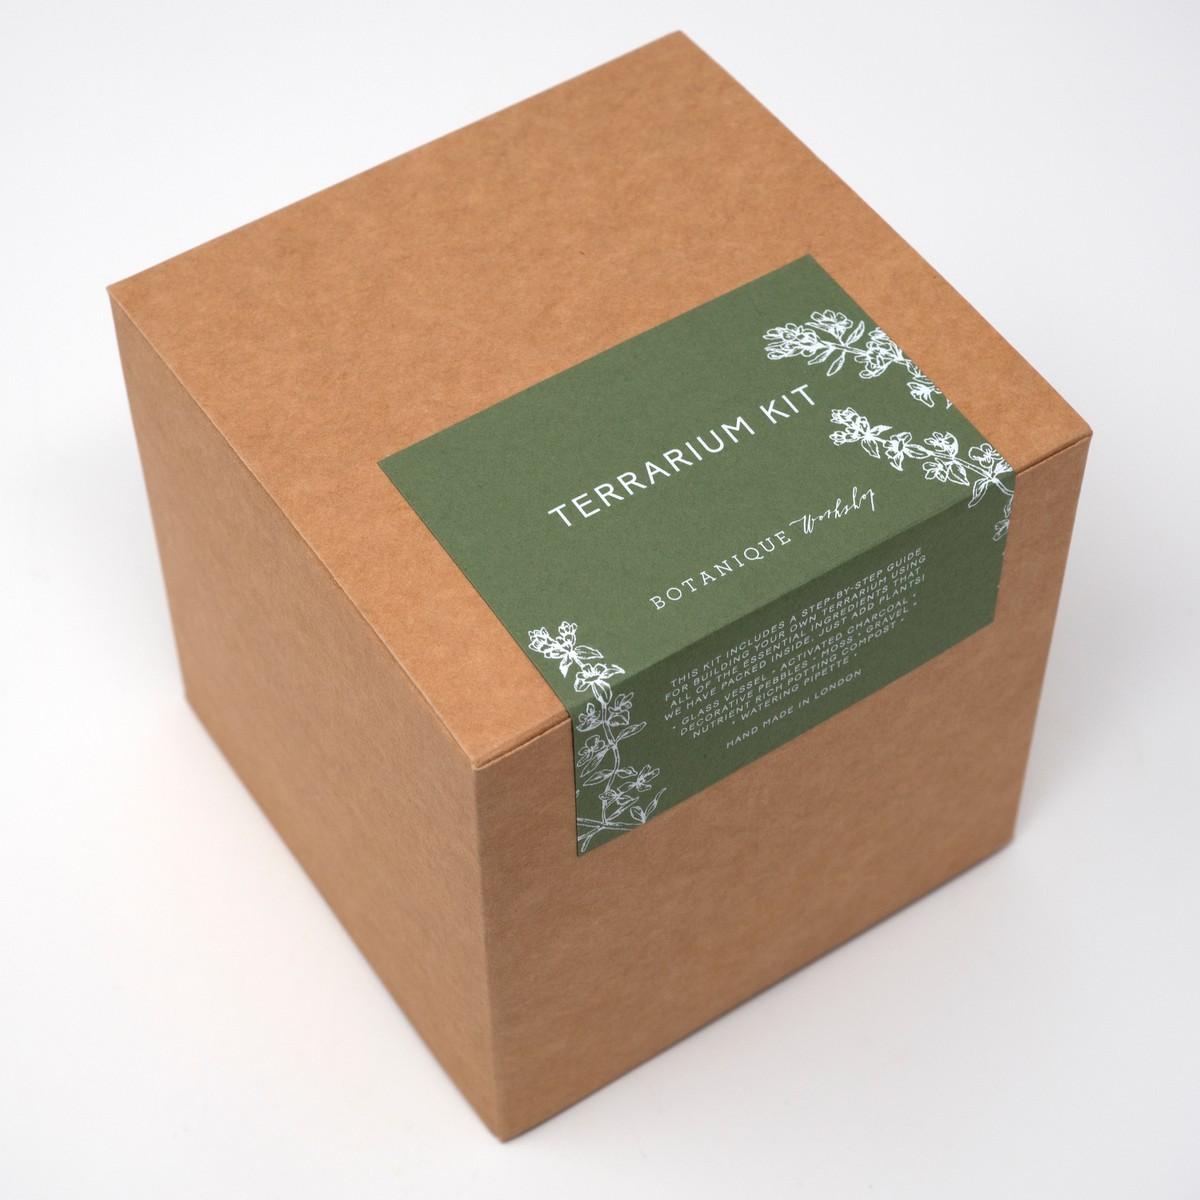 Photo of Terrarium Kit